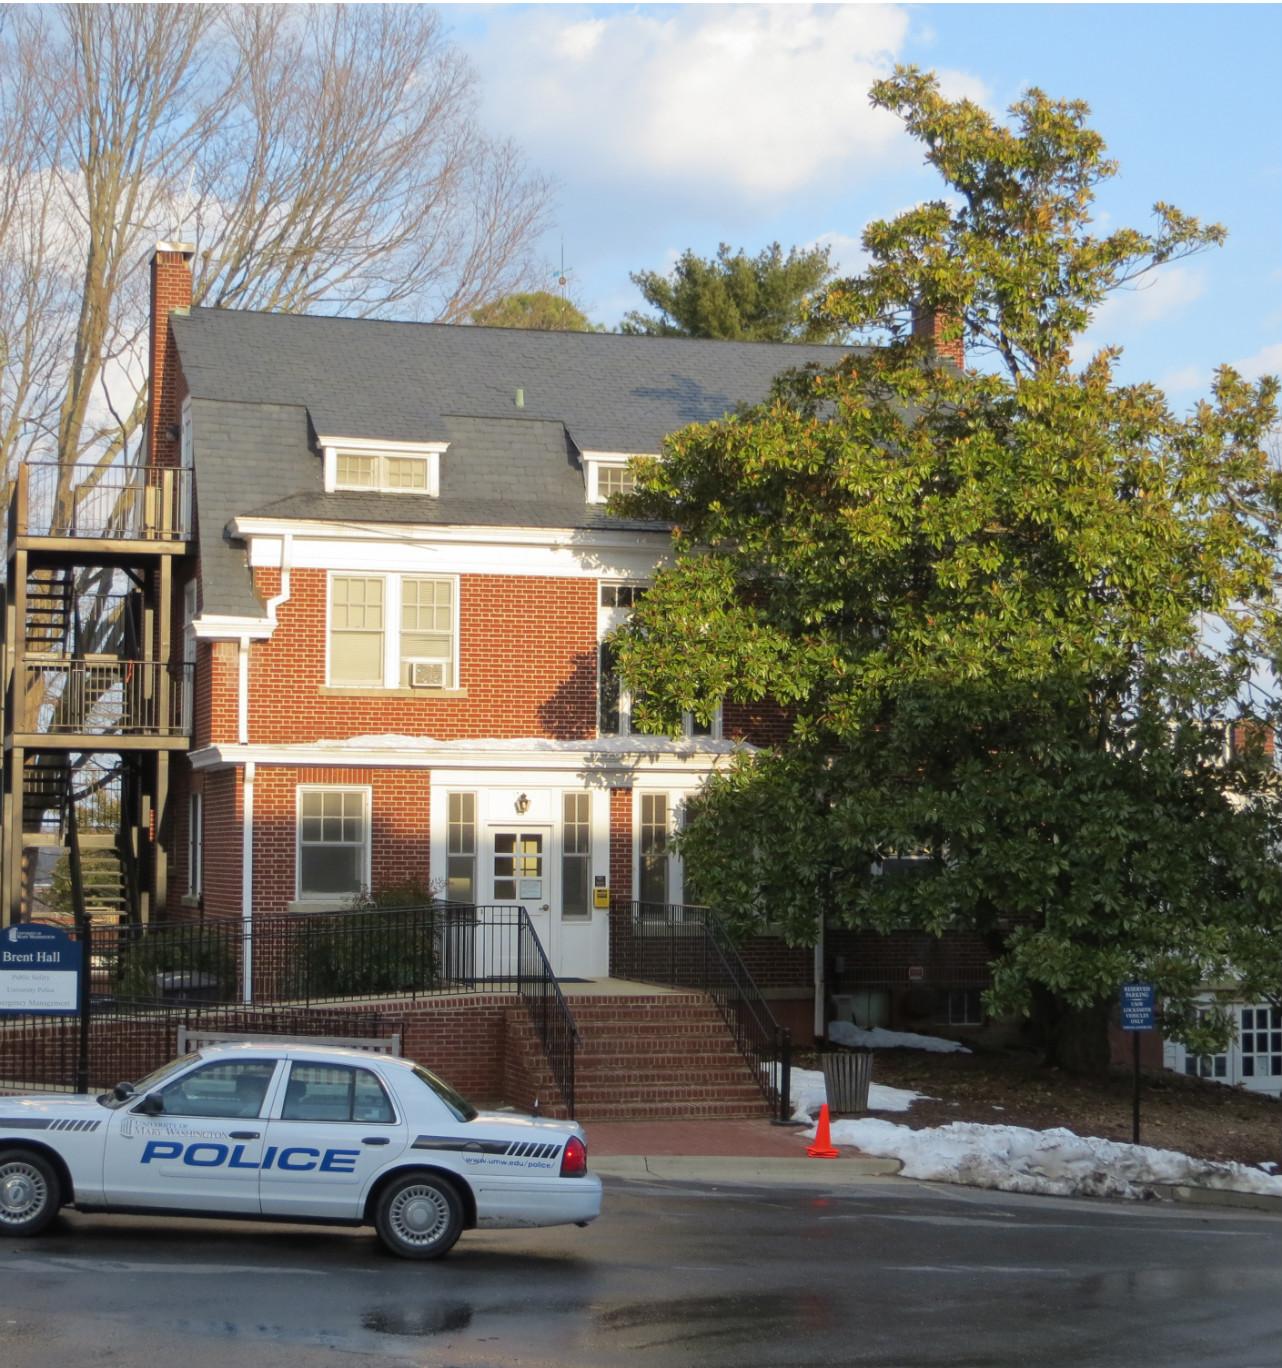 Brent House, February 19, 2014